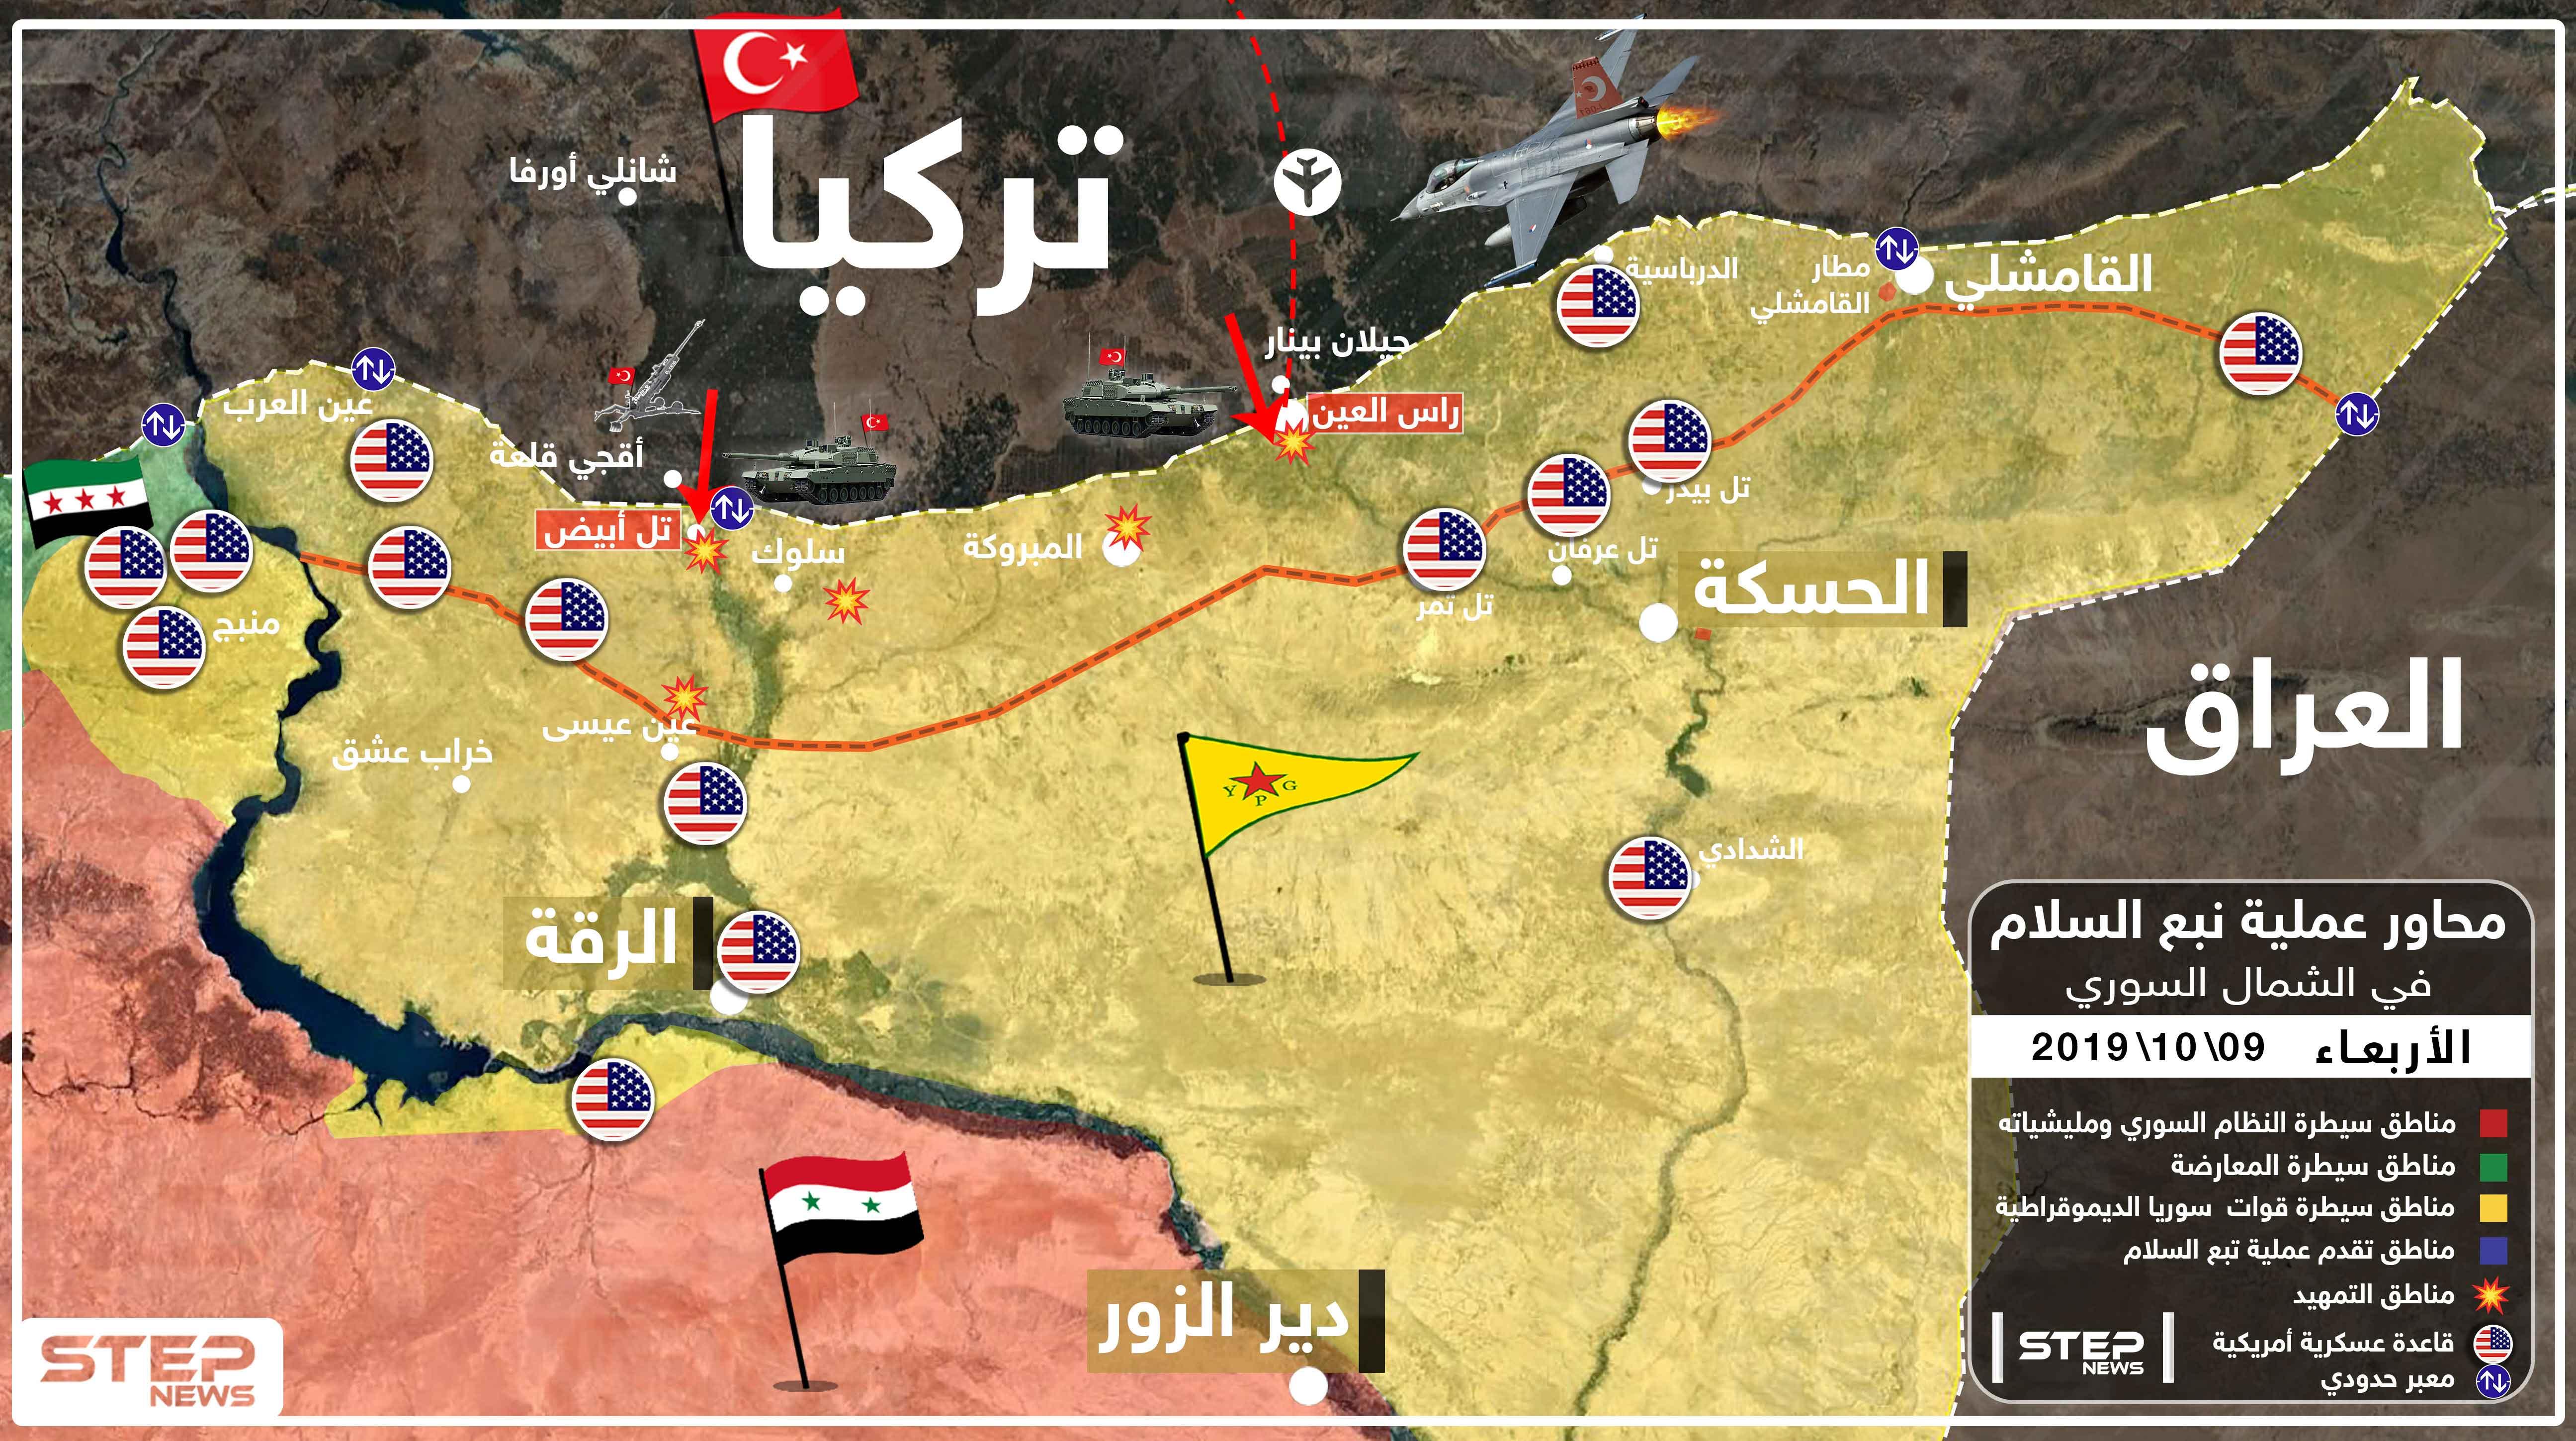 خريطة لمحاور العملية العسكرية التركية شرق الفرات